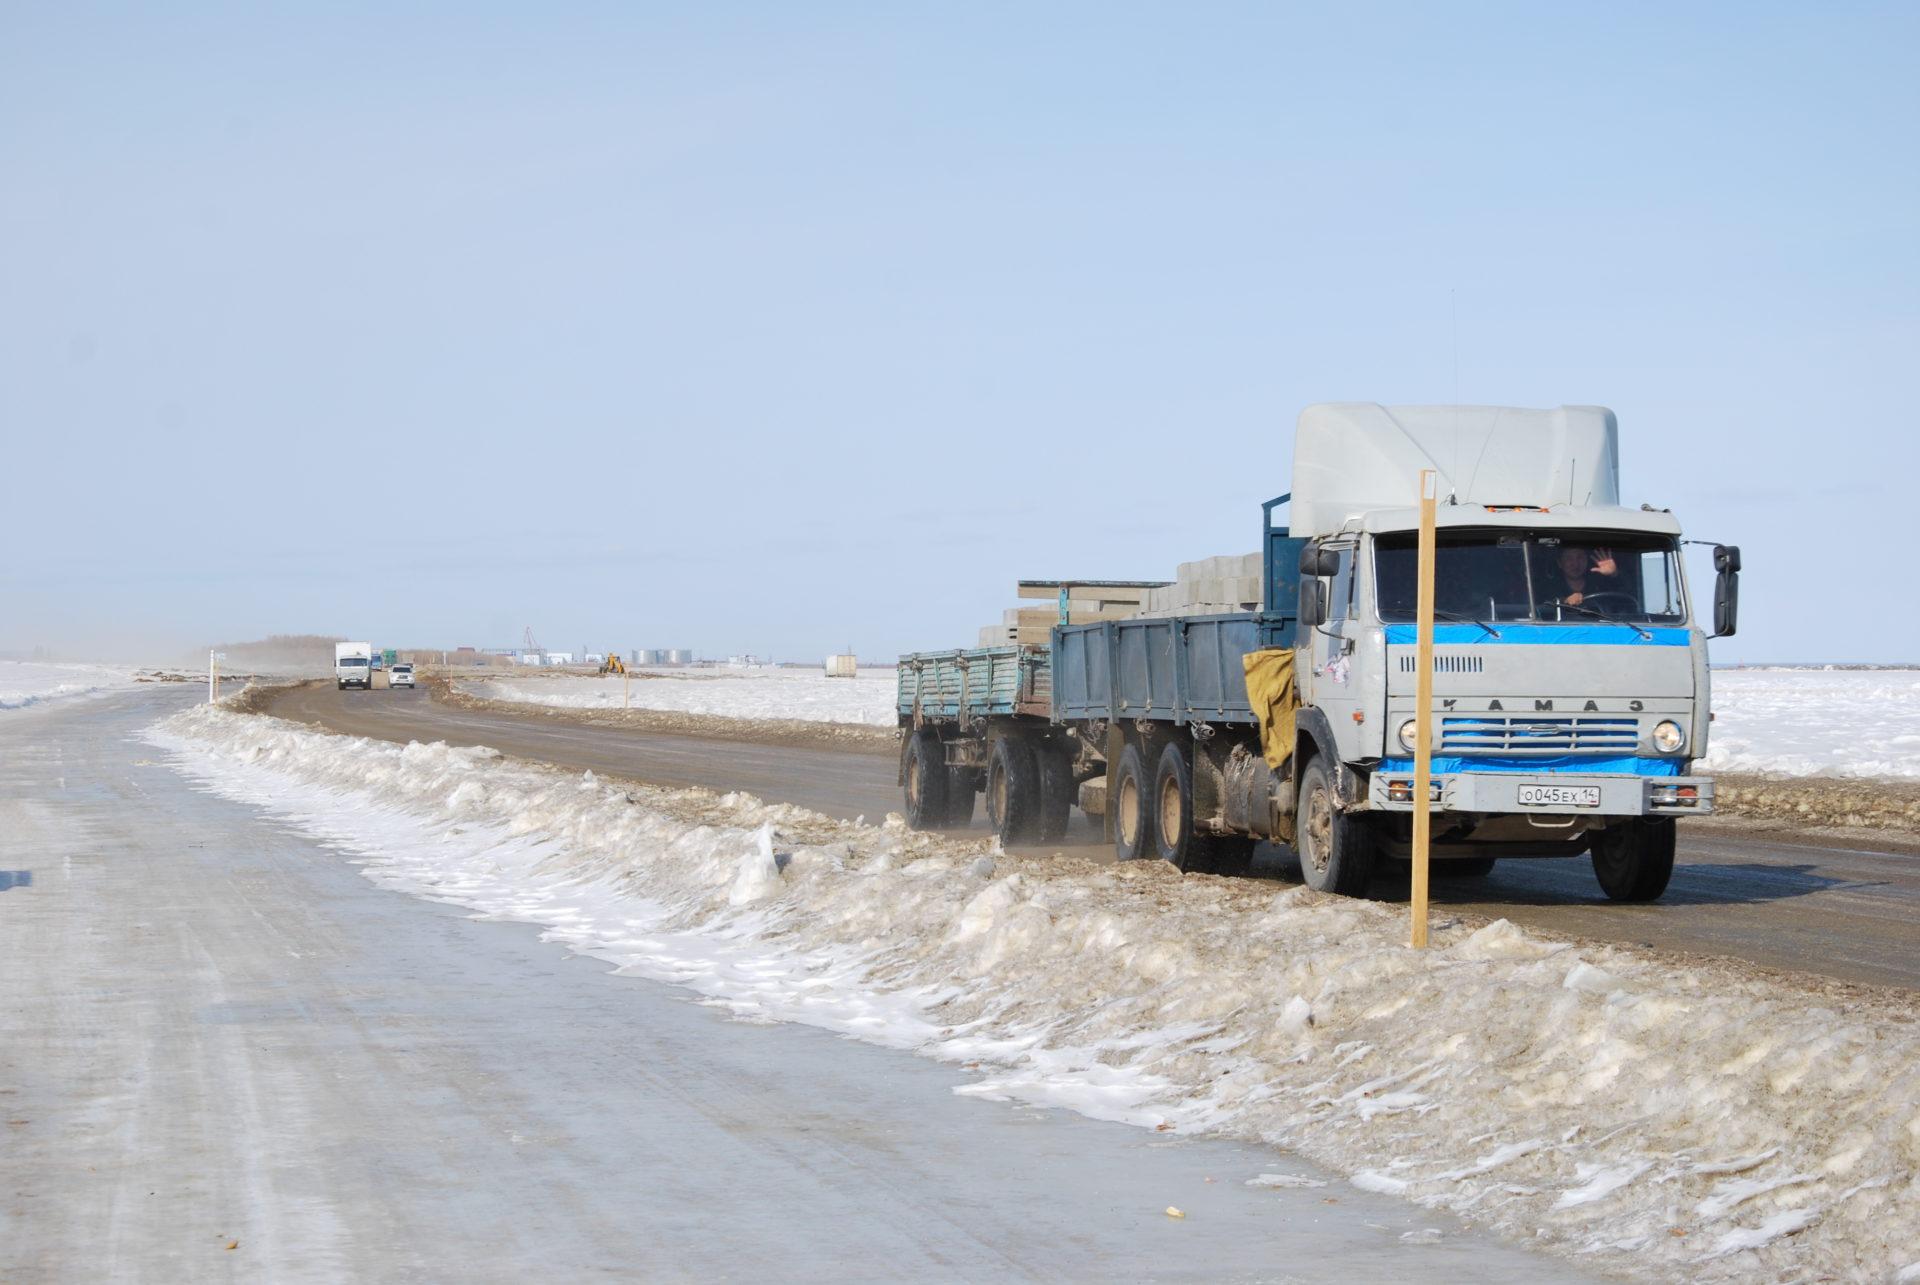 Досрочно открыто движение по ледовому автозимнику через р. Лена «Якутск-Нижний Бестях»